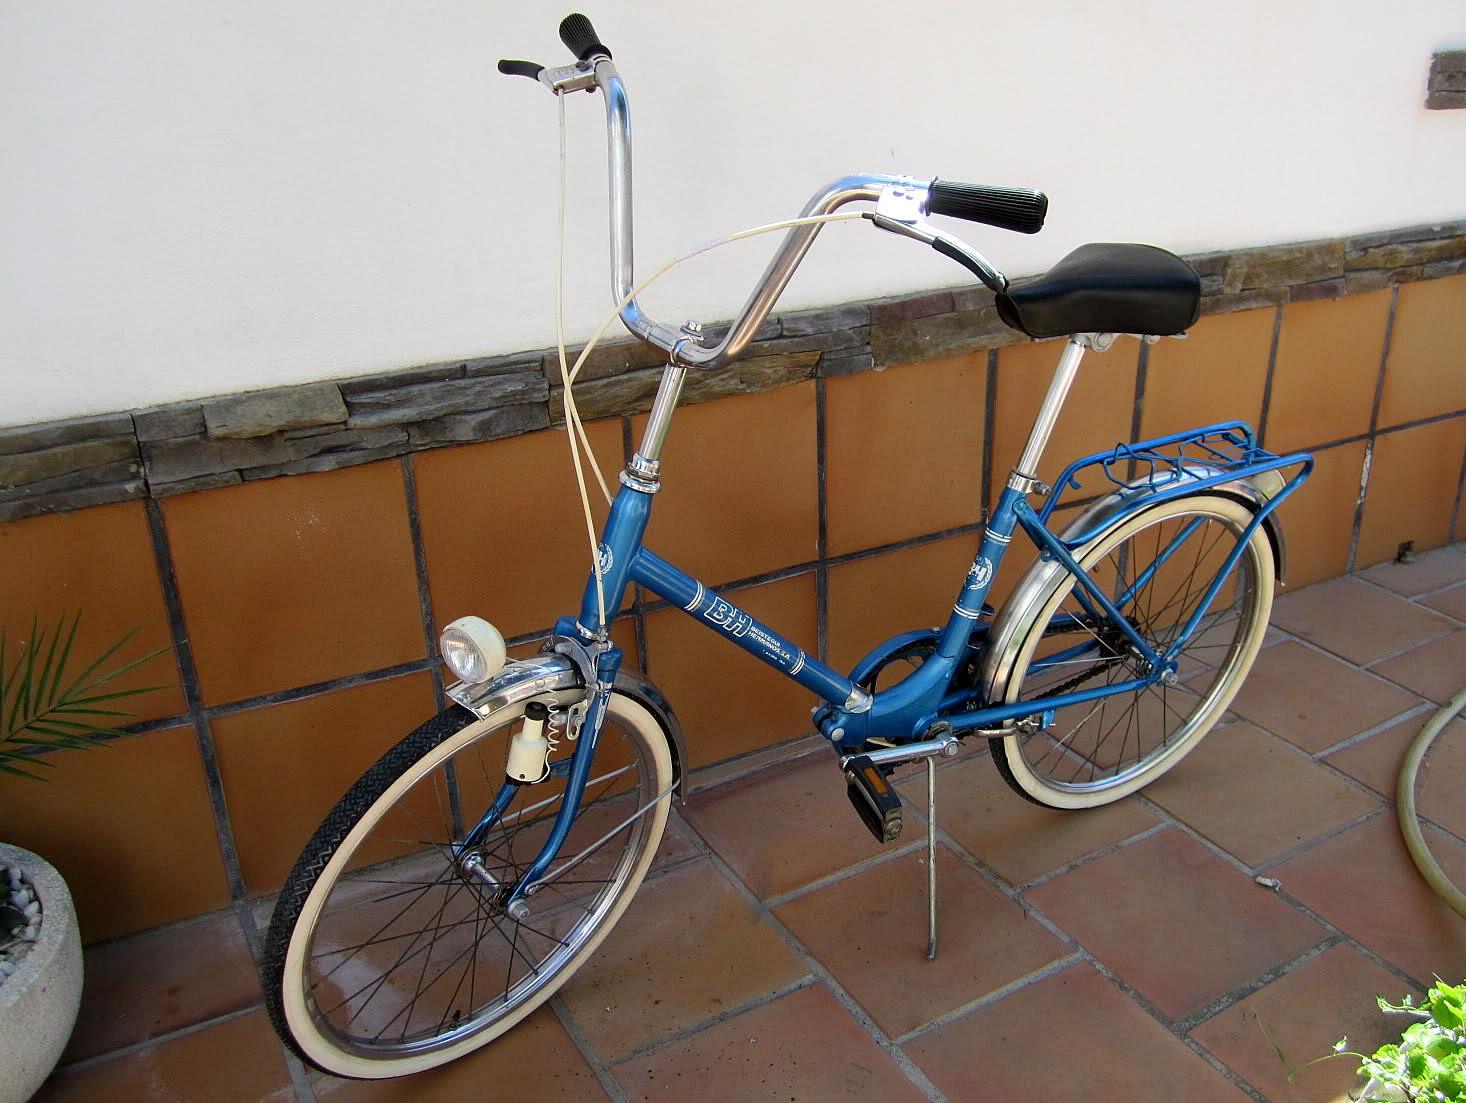 Restauración bici BH by Motoret - Página 2 6ophyu